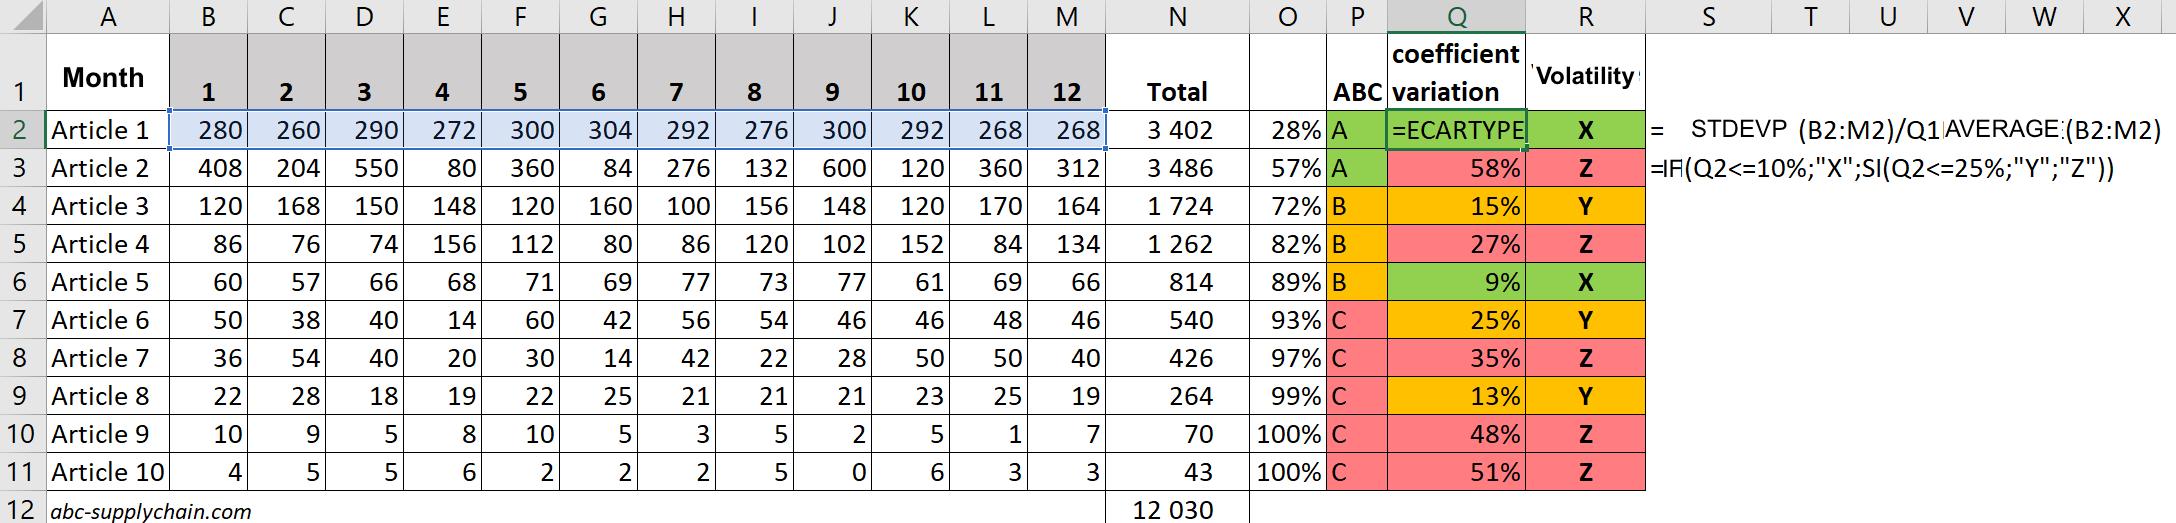 Excel-ABC-XYZ